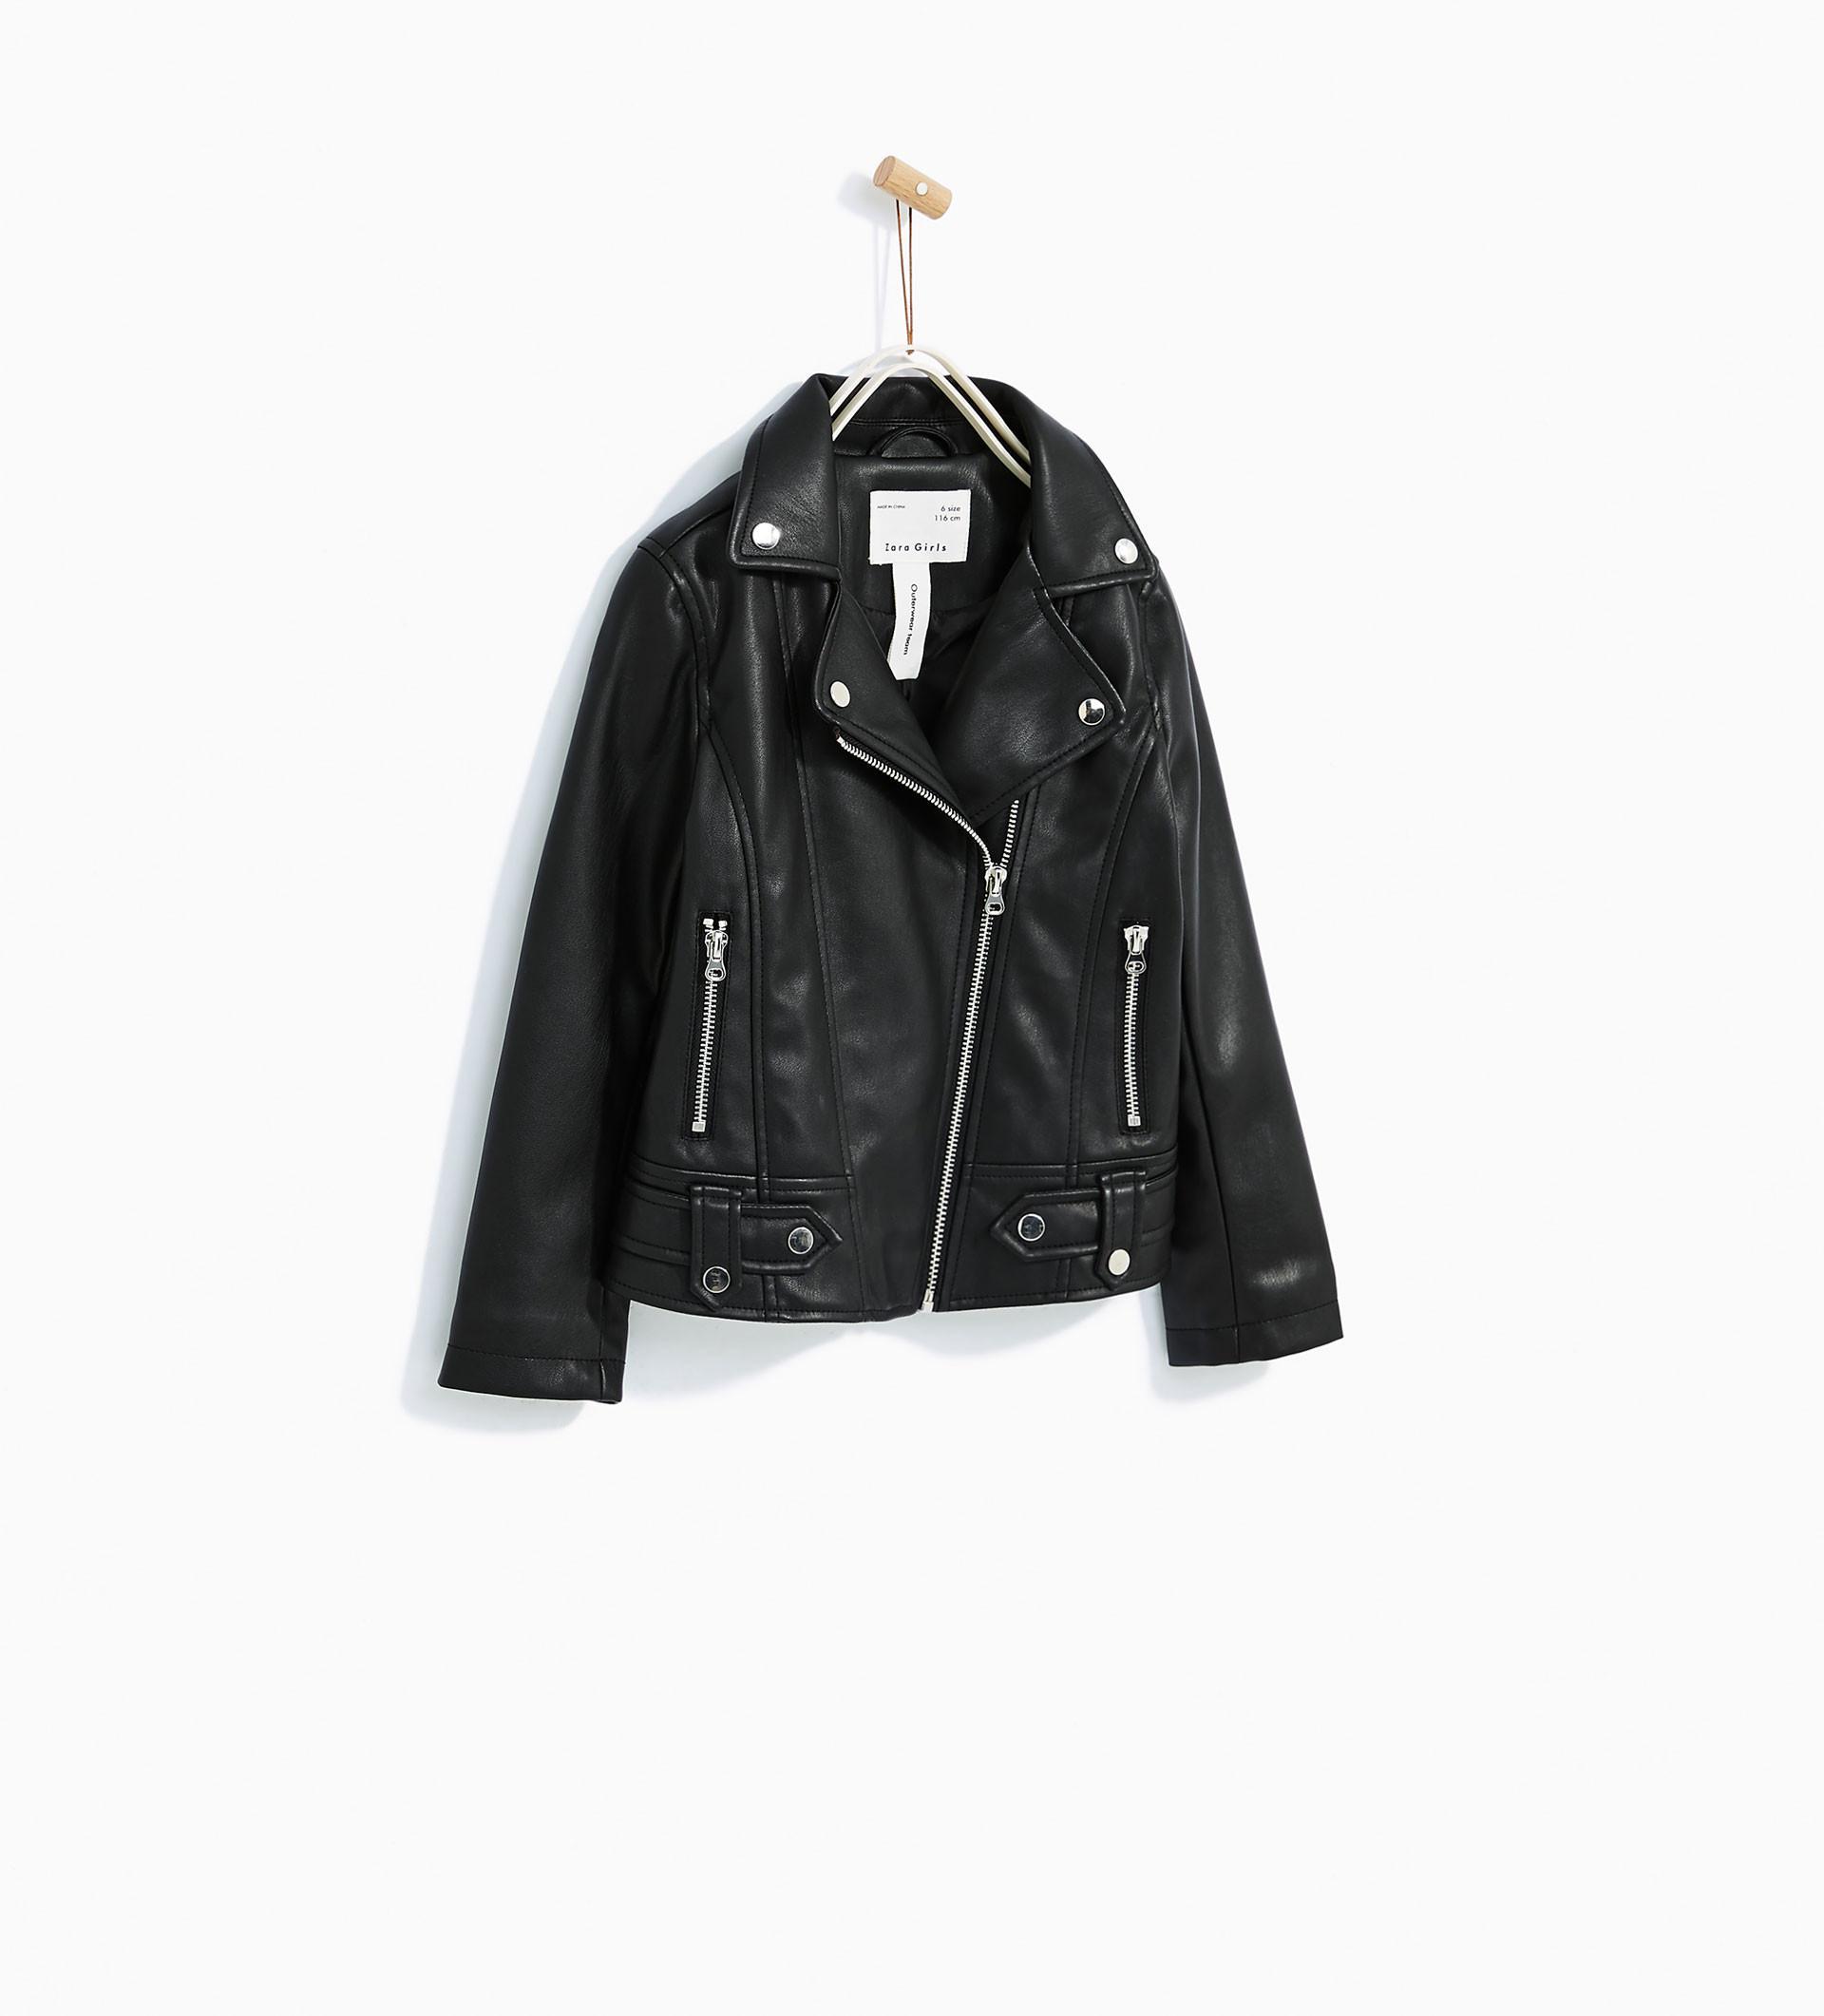 Jaket kulit. (Image: zara.com)